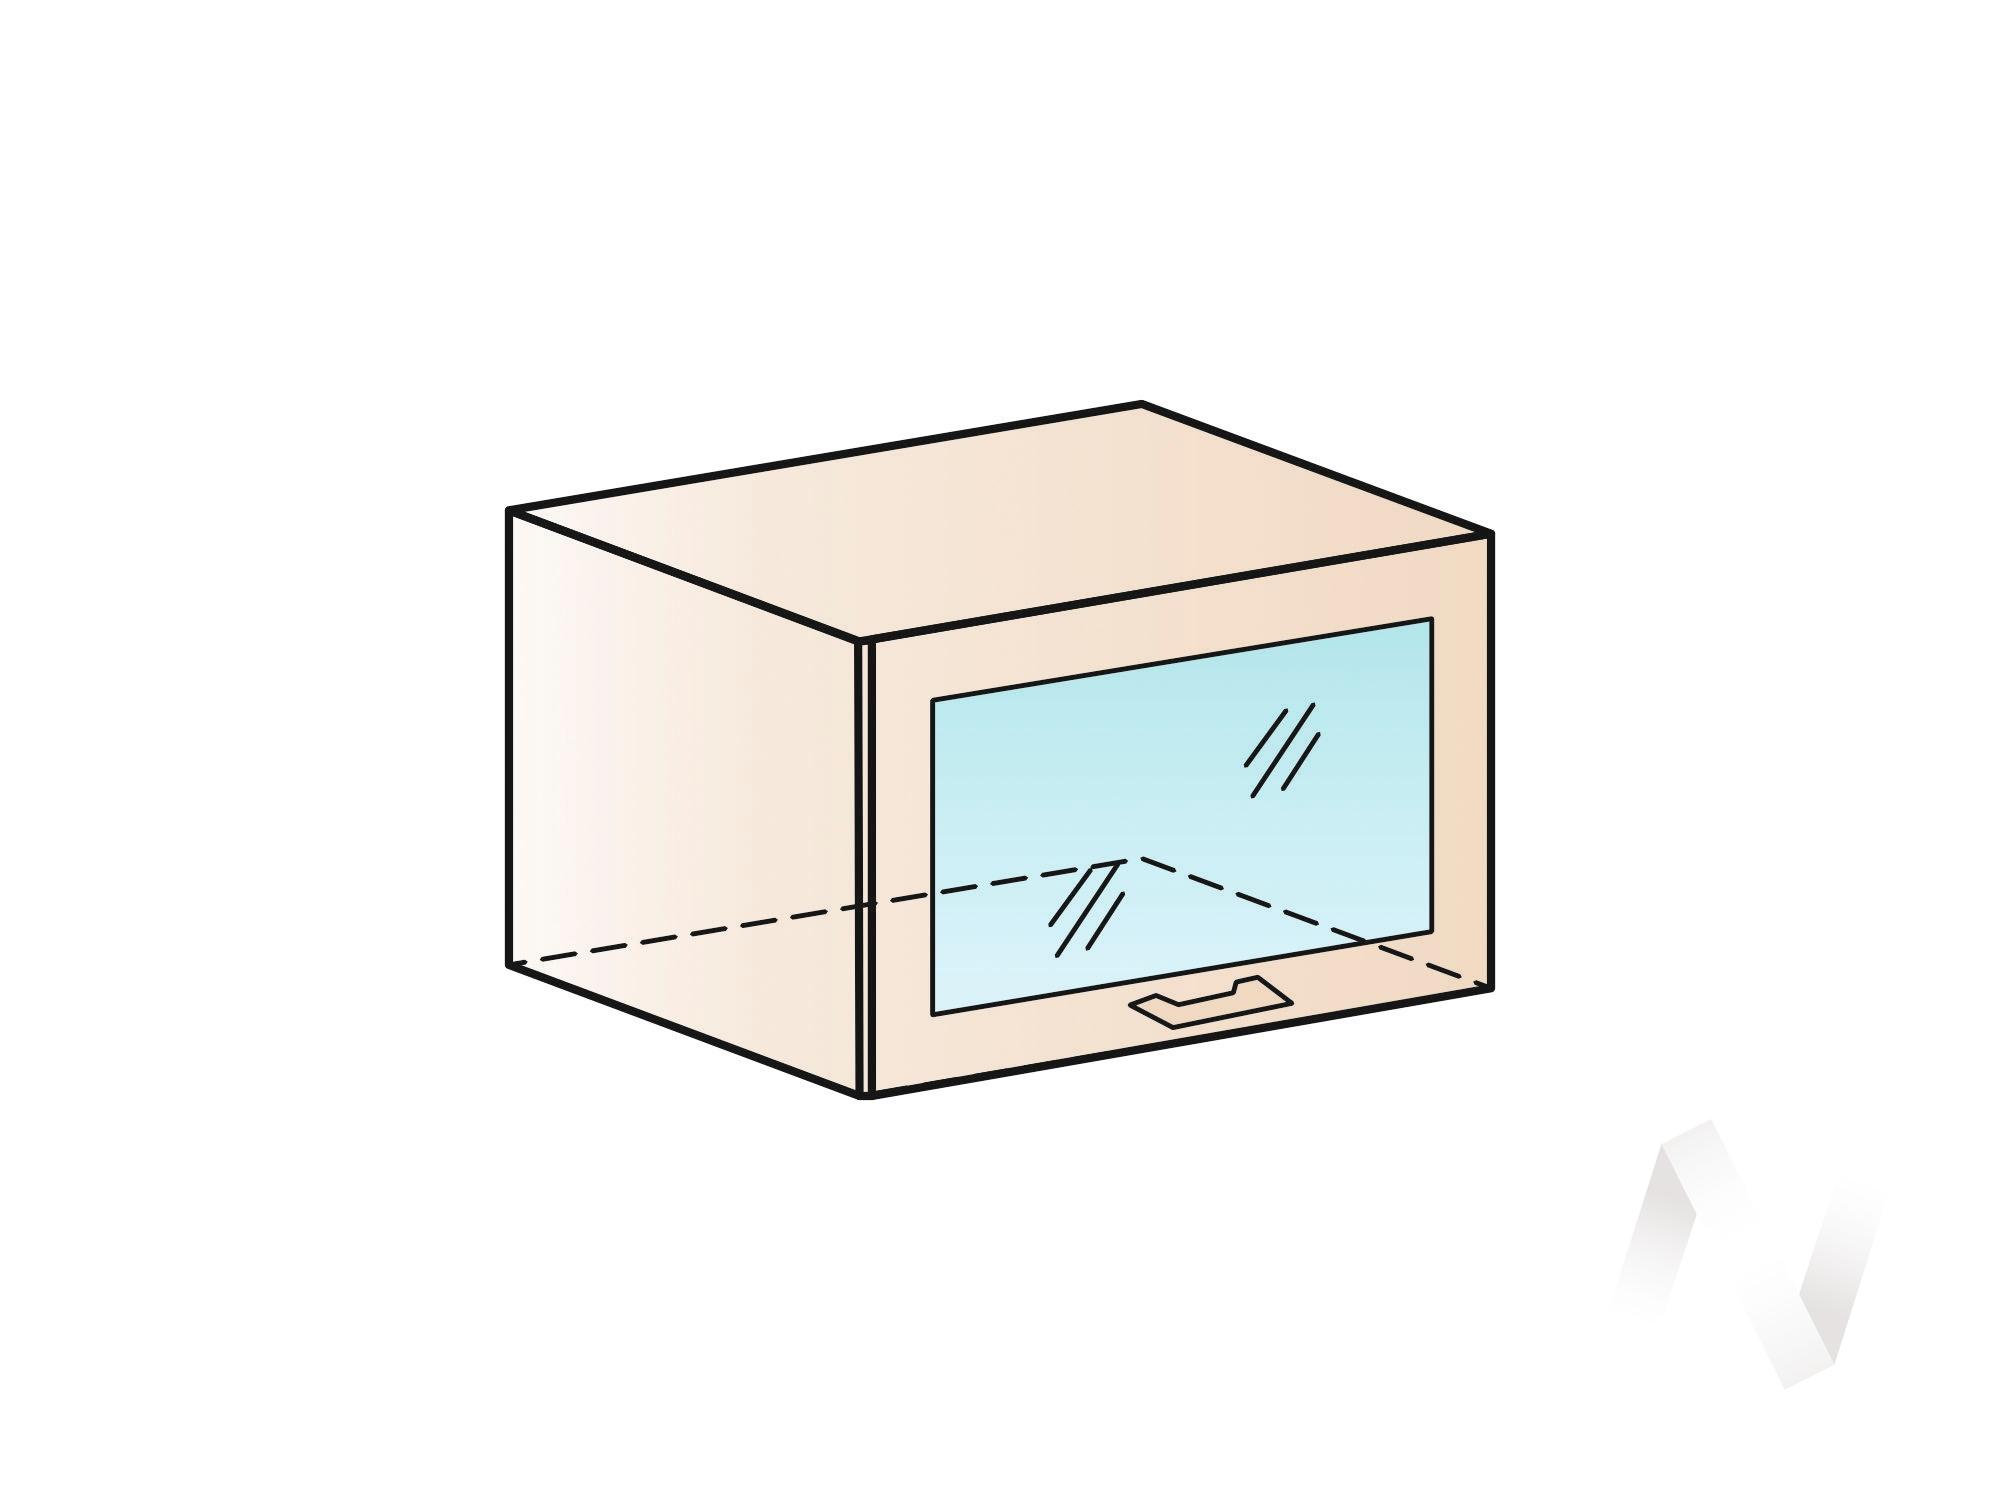 """Кухня """"Люкс"""": Шкаф верхний горизонтальный со стеклом 600, ШВГС 600 (Шелк жемчуг/корпус белый) в Новосибирске в интернет-магазине мебели kuhnya54.ru"""